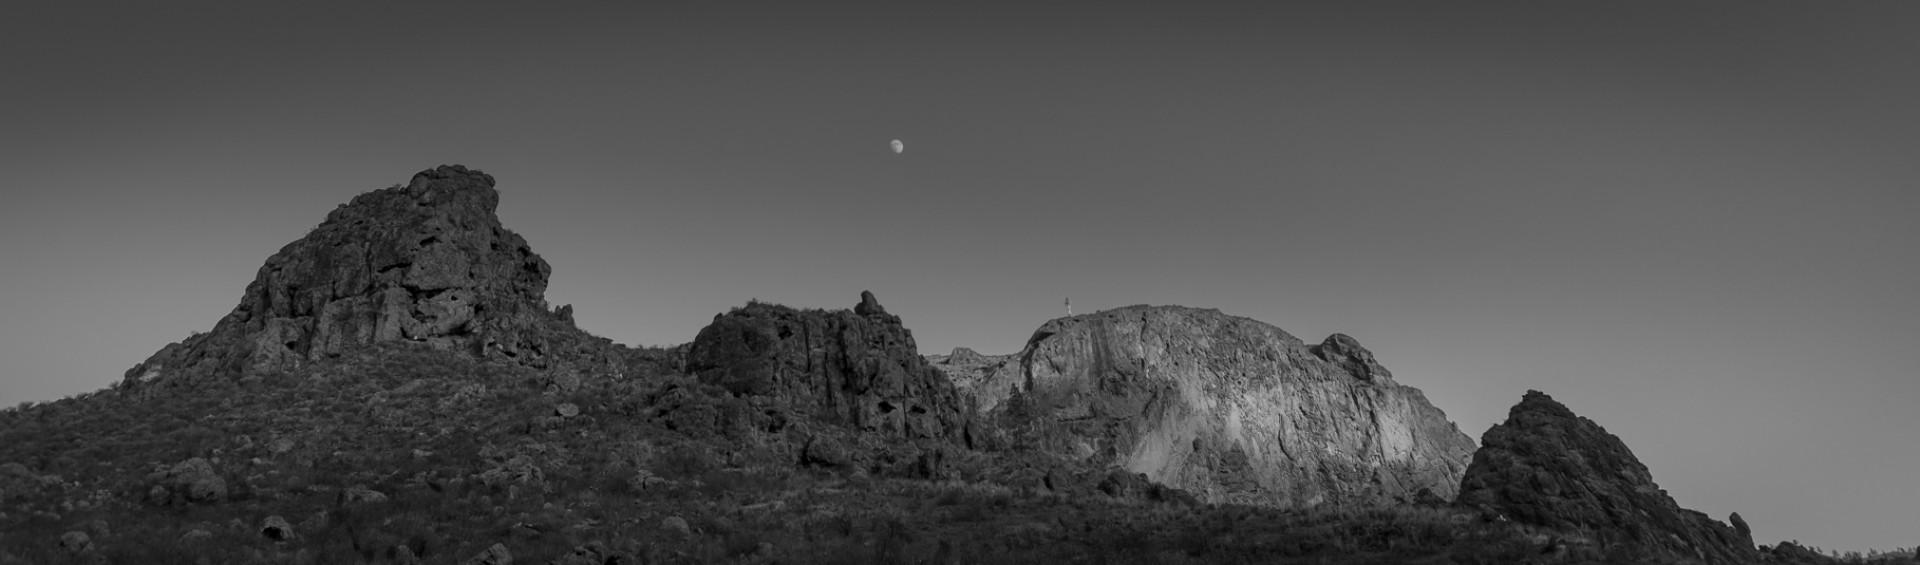 luna-b&n-paisaje-jrios